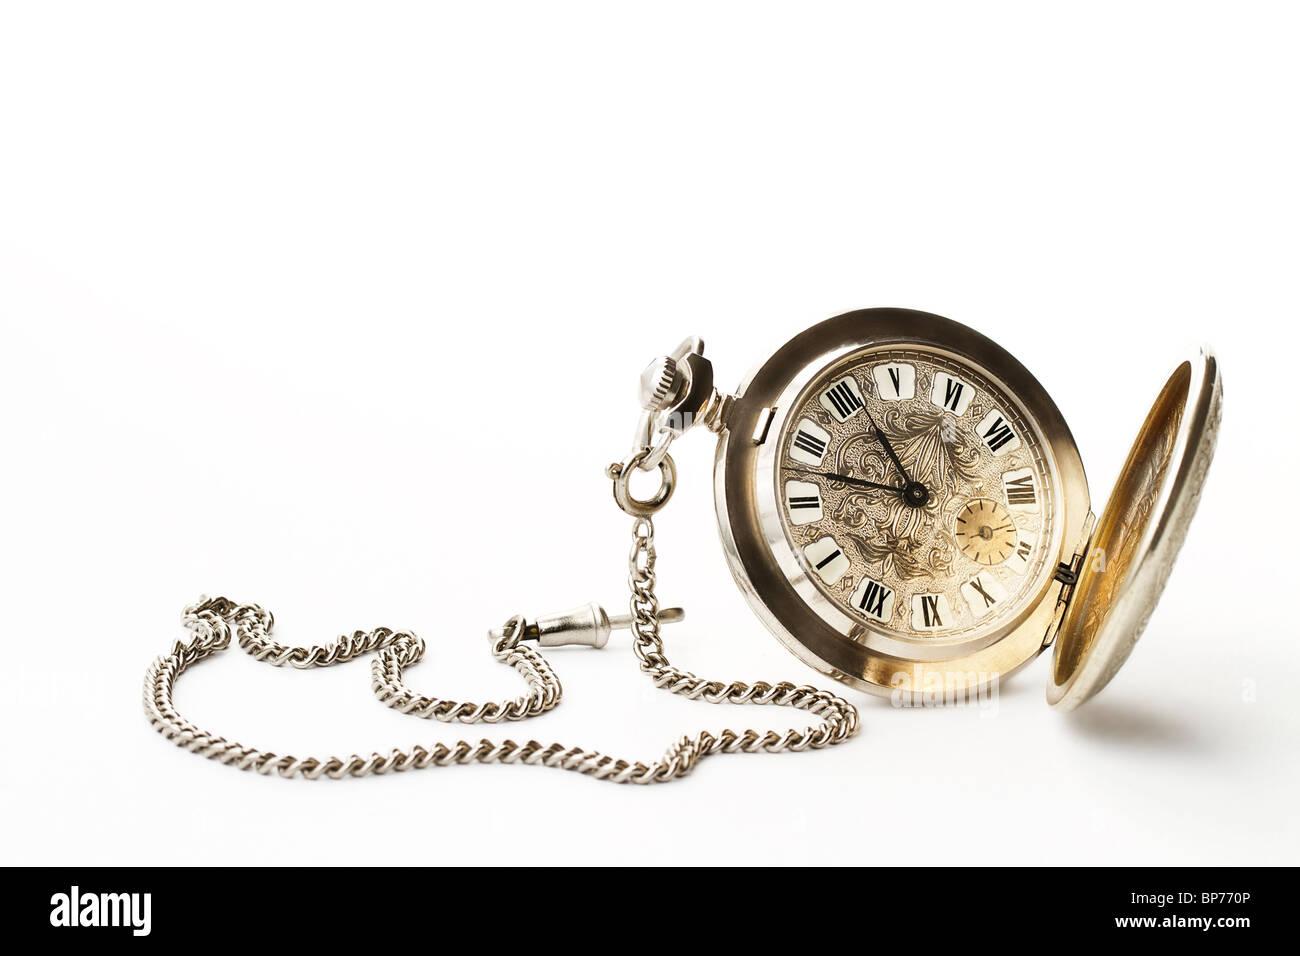 alte Taschenuhr auf weißem Hintergrund Stockbild